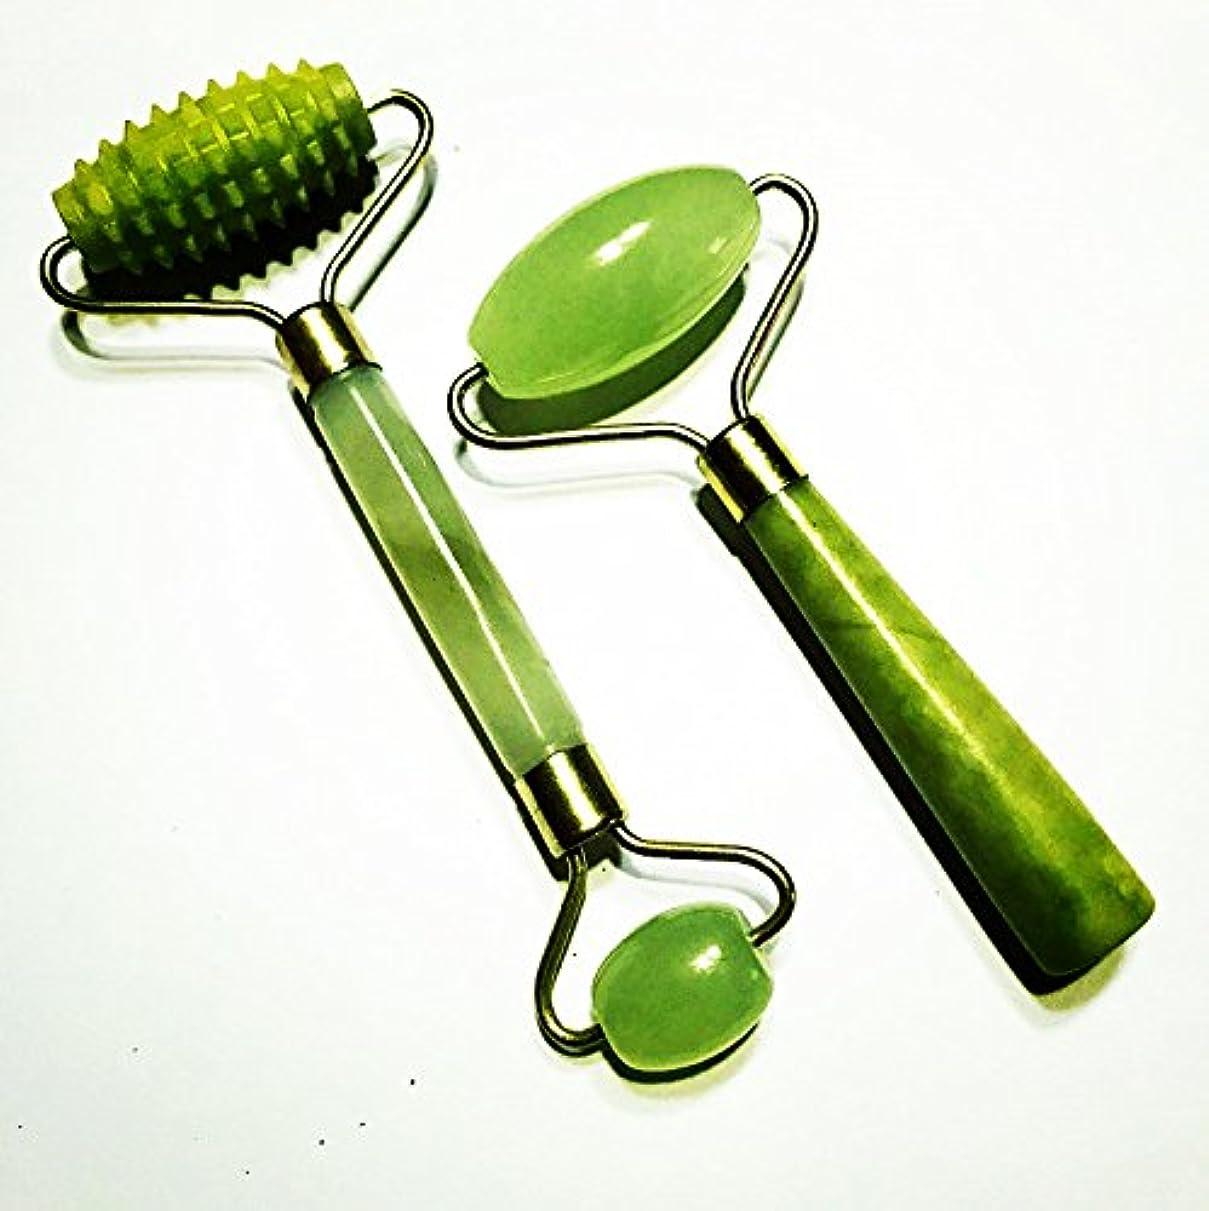 評議会完全に乾くオゾンEcho & Kern 二点 グリーンアベンチュリンの美顔ローラーフェイスマッサジギザギザ付きでローラー2pcs The Green Jade roller textured spiky Jade roller 100%...